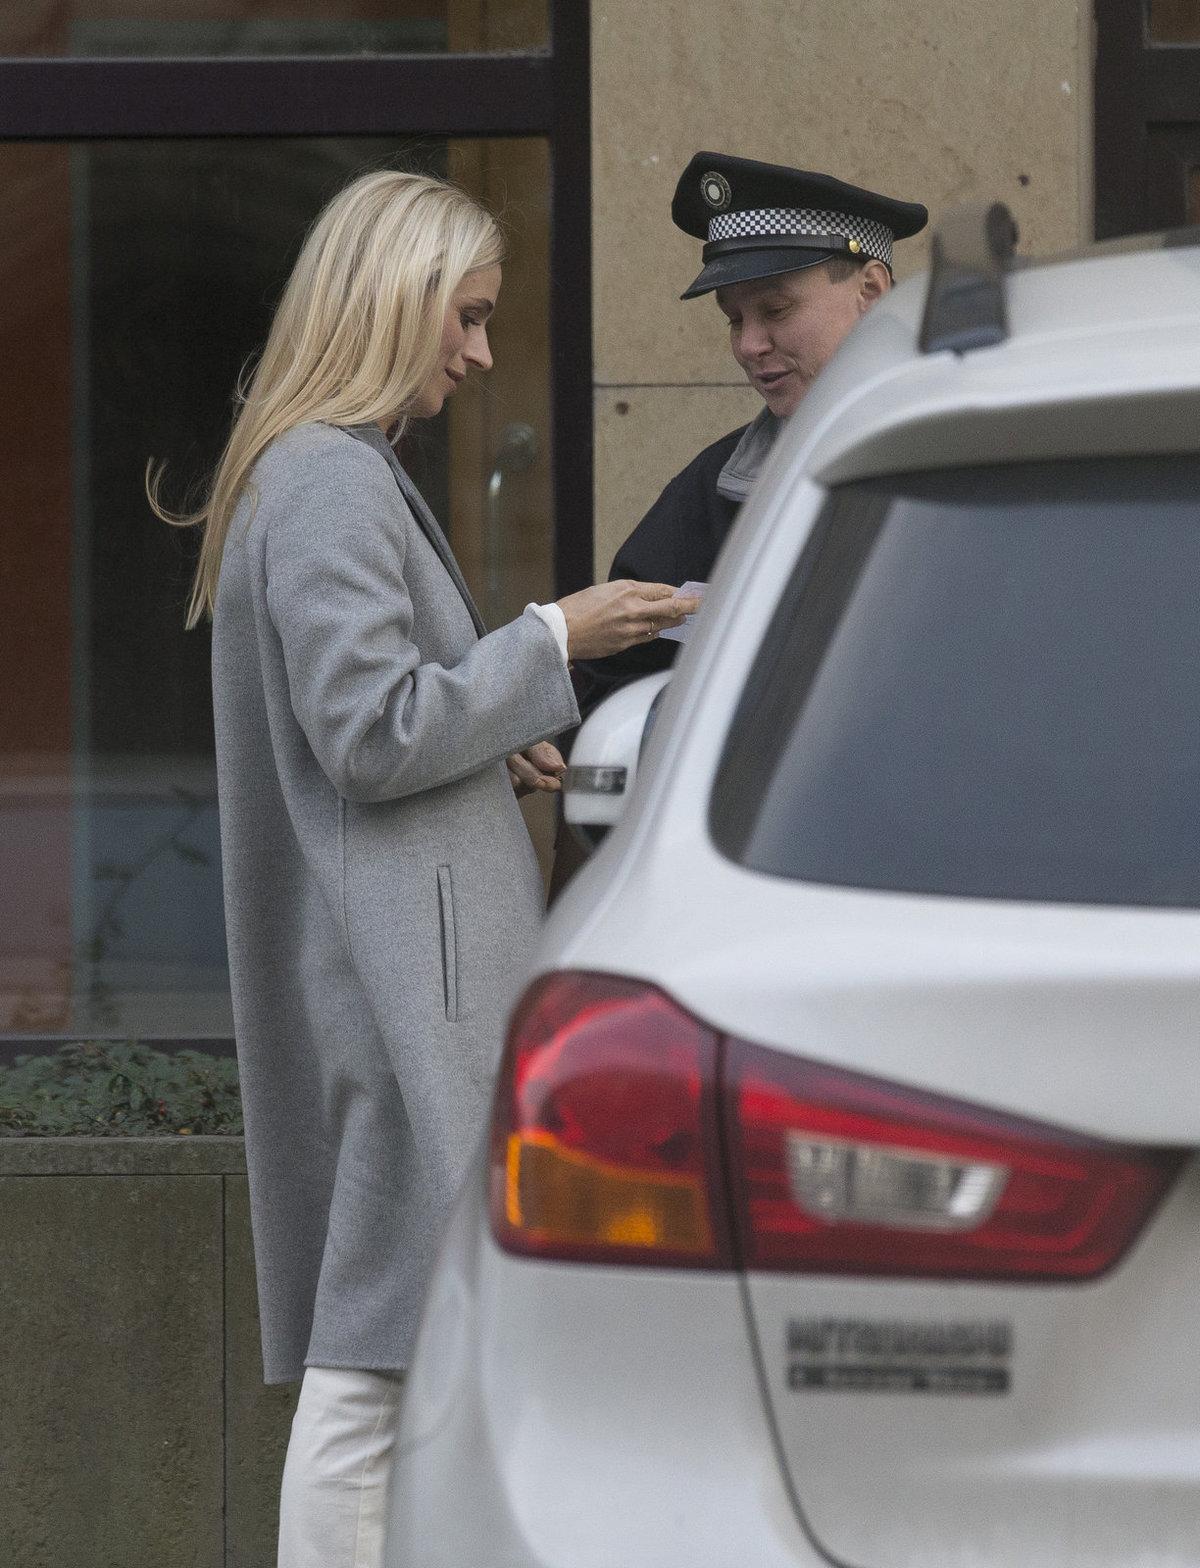 Jirešová spěchala za policistou, jako by šlo o život.